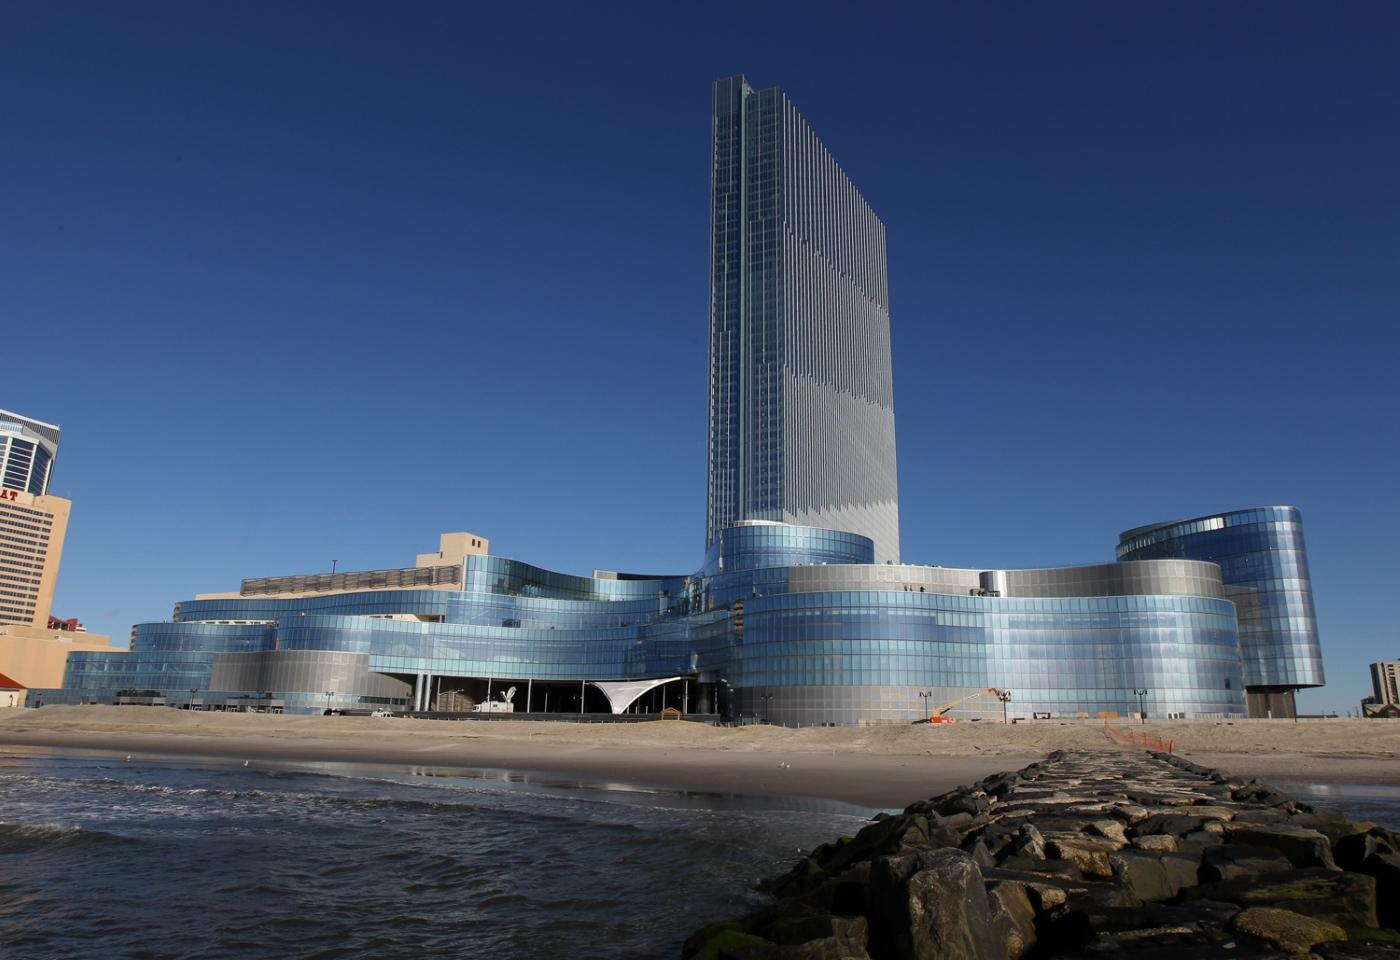 river casino in oklahoma